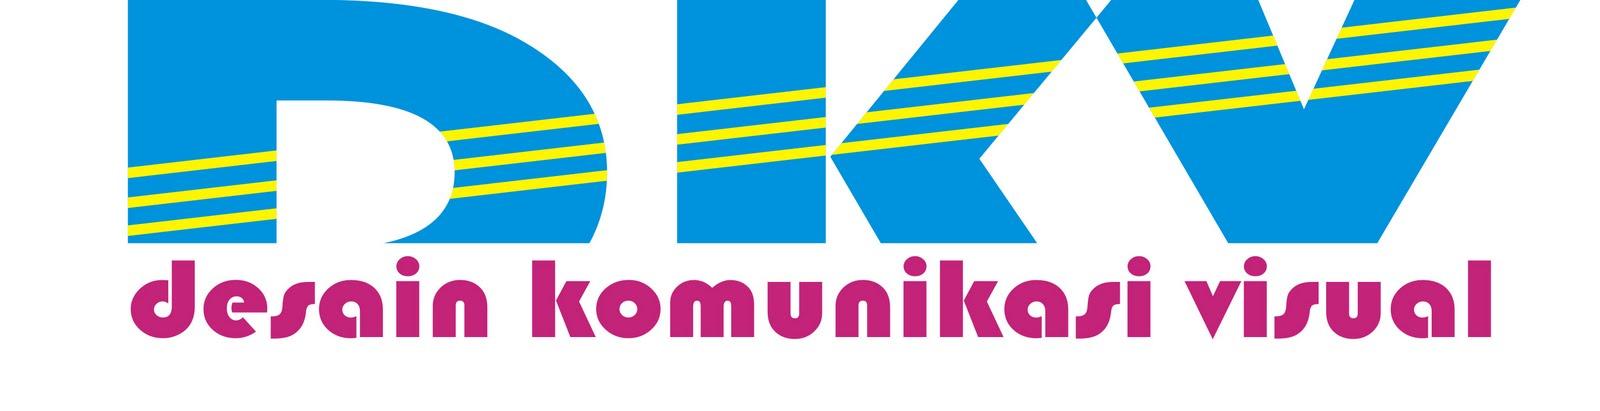 Image result for logo dkv